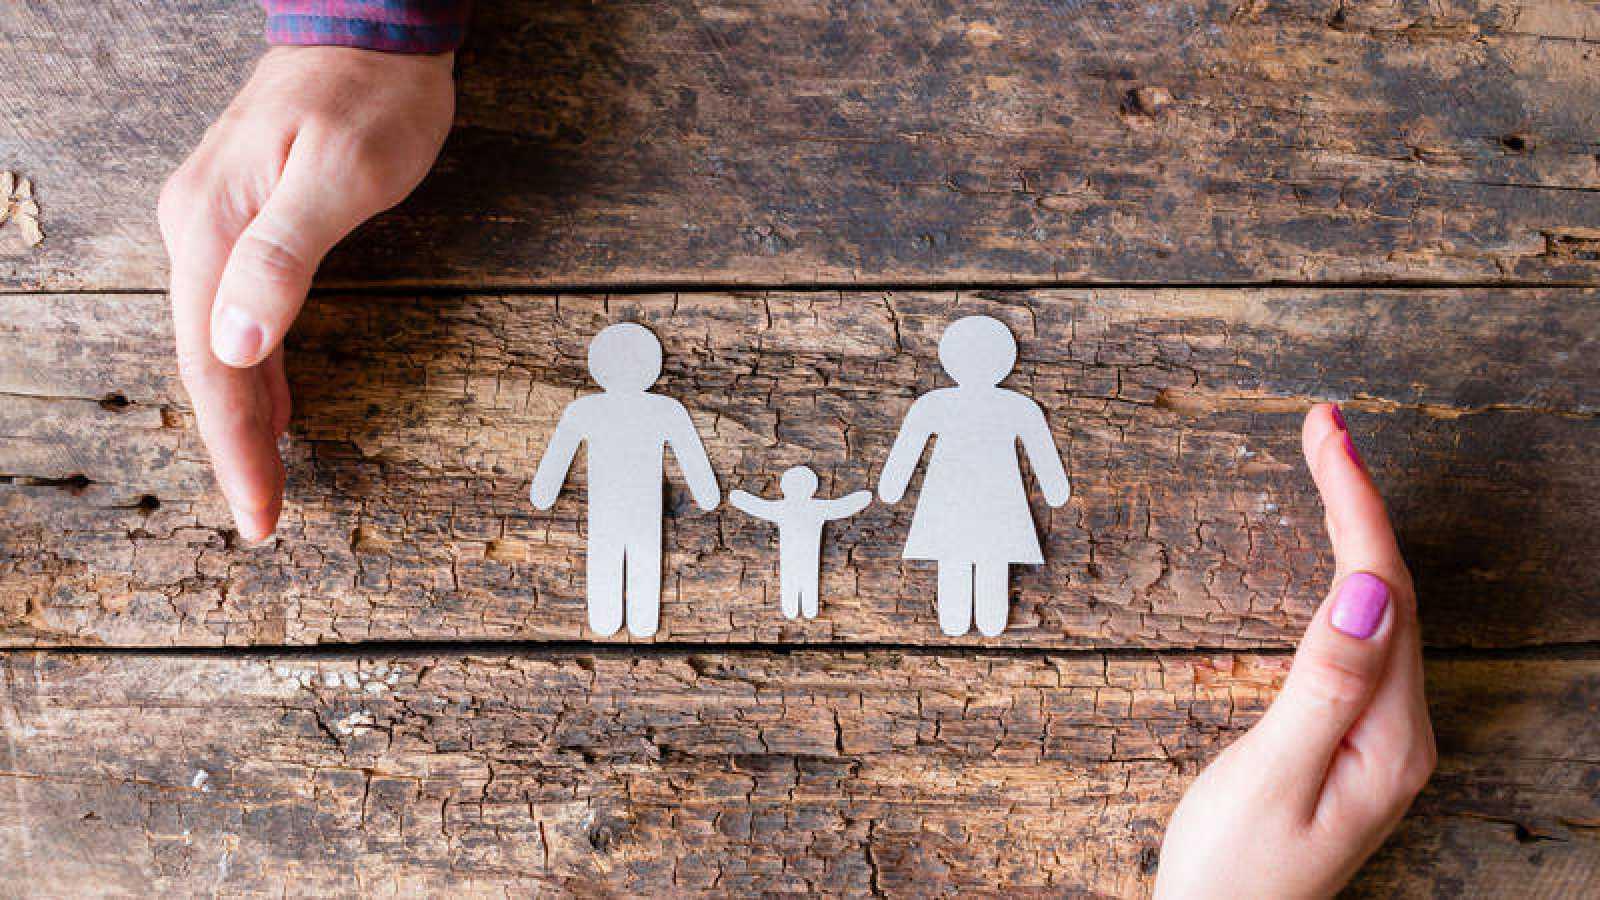 La justicia da la razón a la madre, que había recurrido la concesión de la custodia compartida